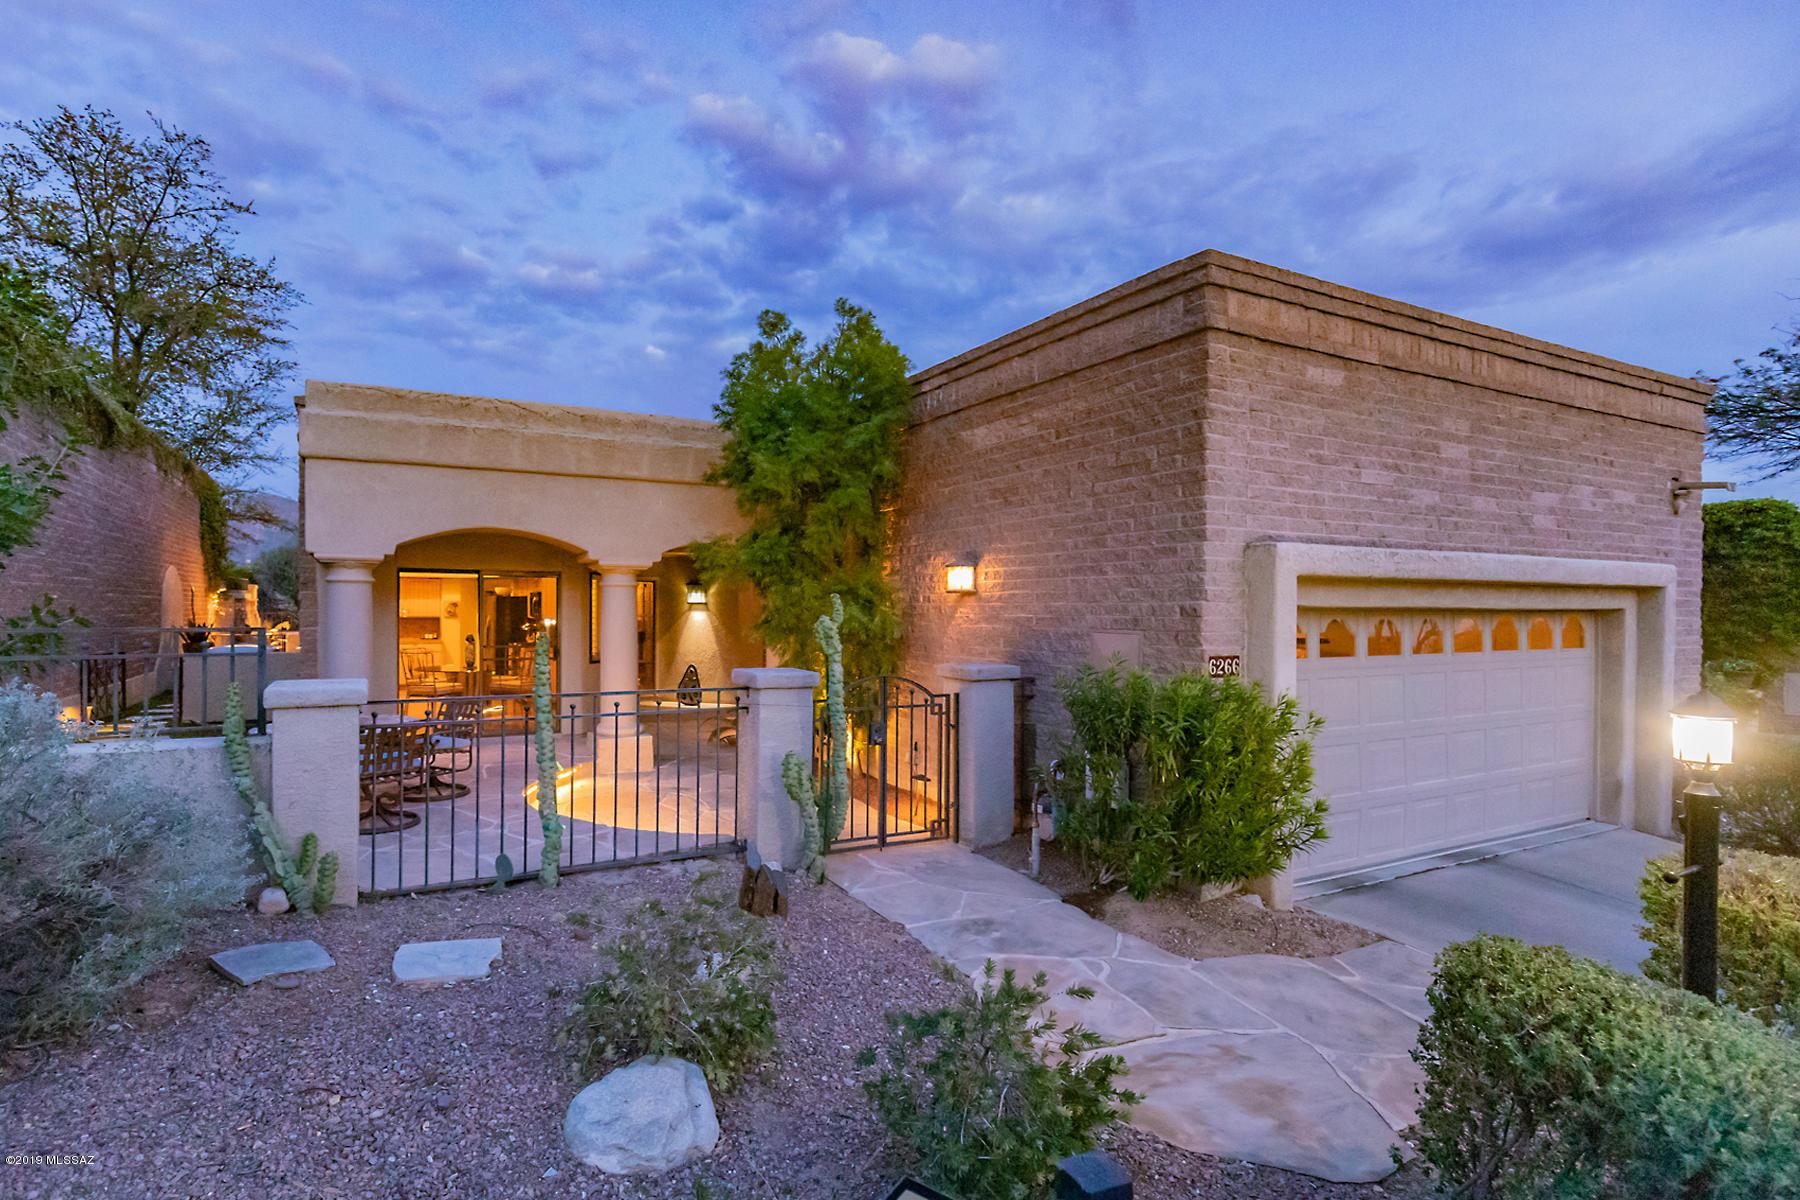 Photo of 6266 N Calle Retreta Serena, Tucson, AZ 85750